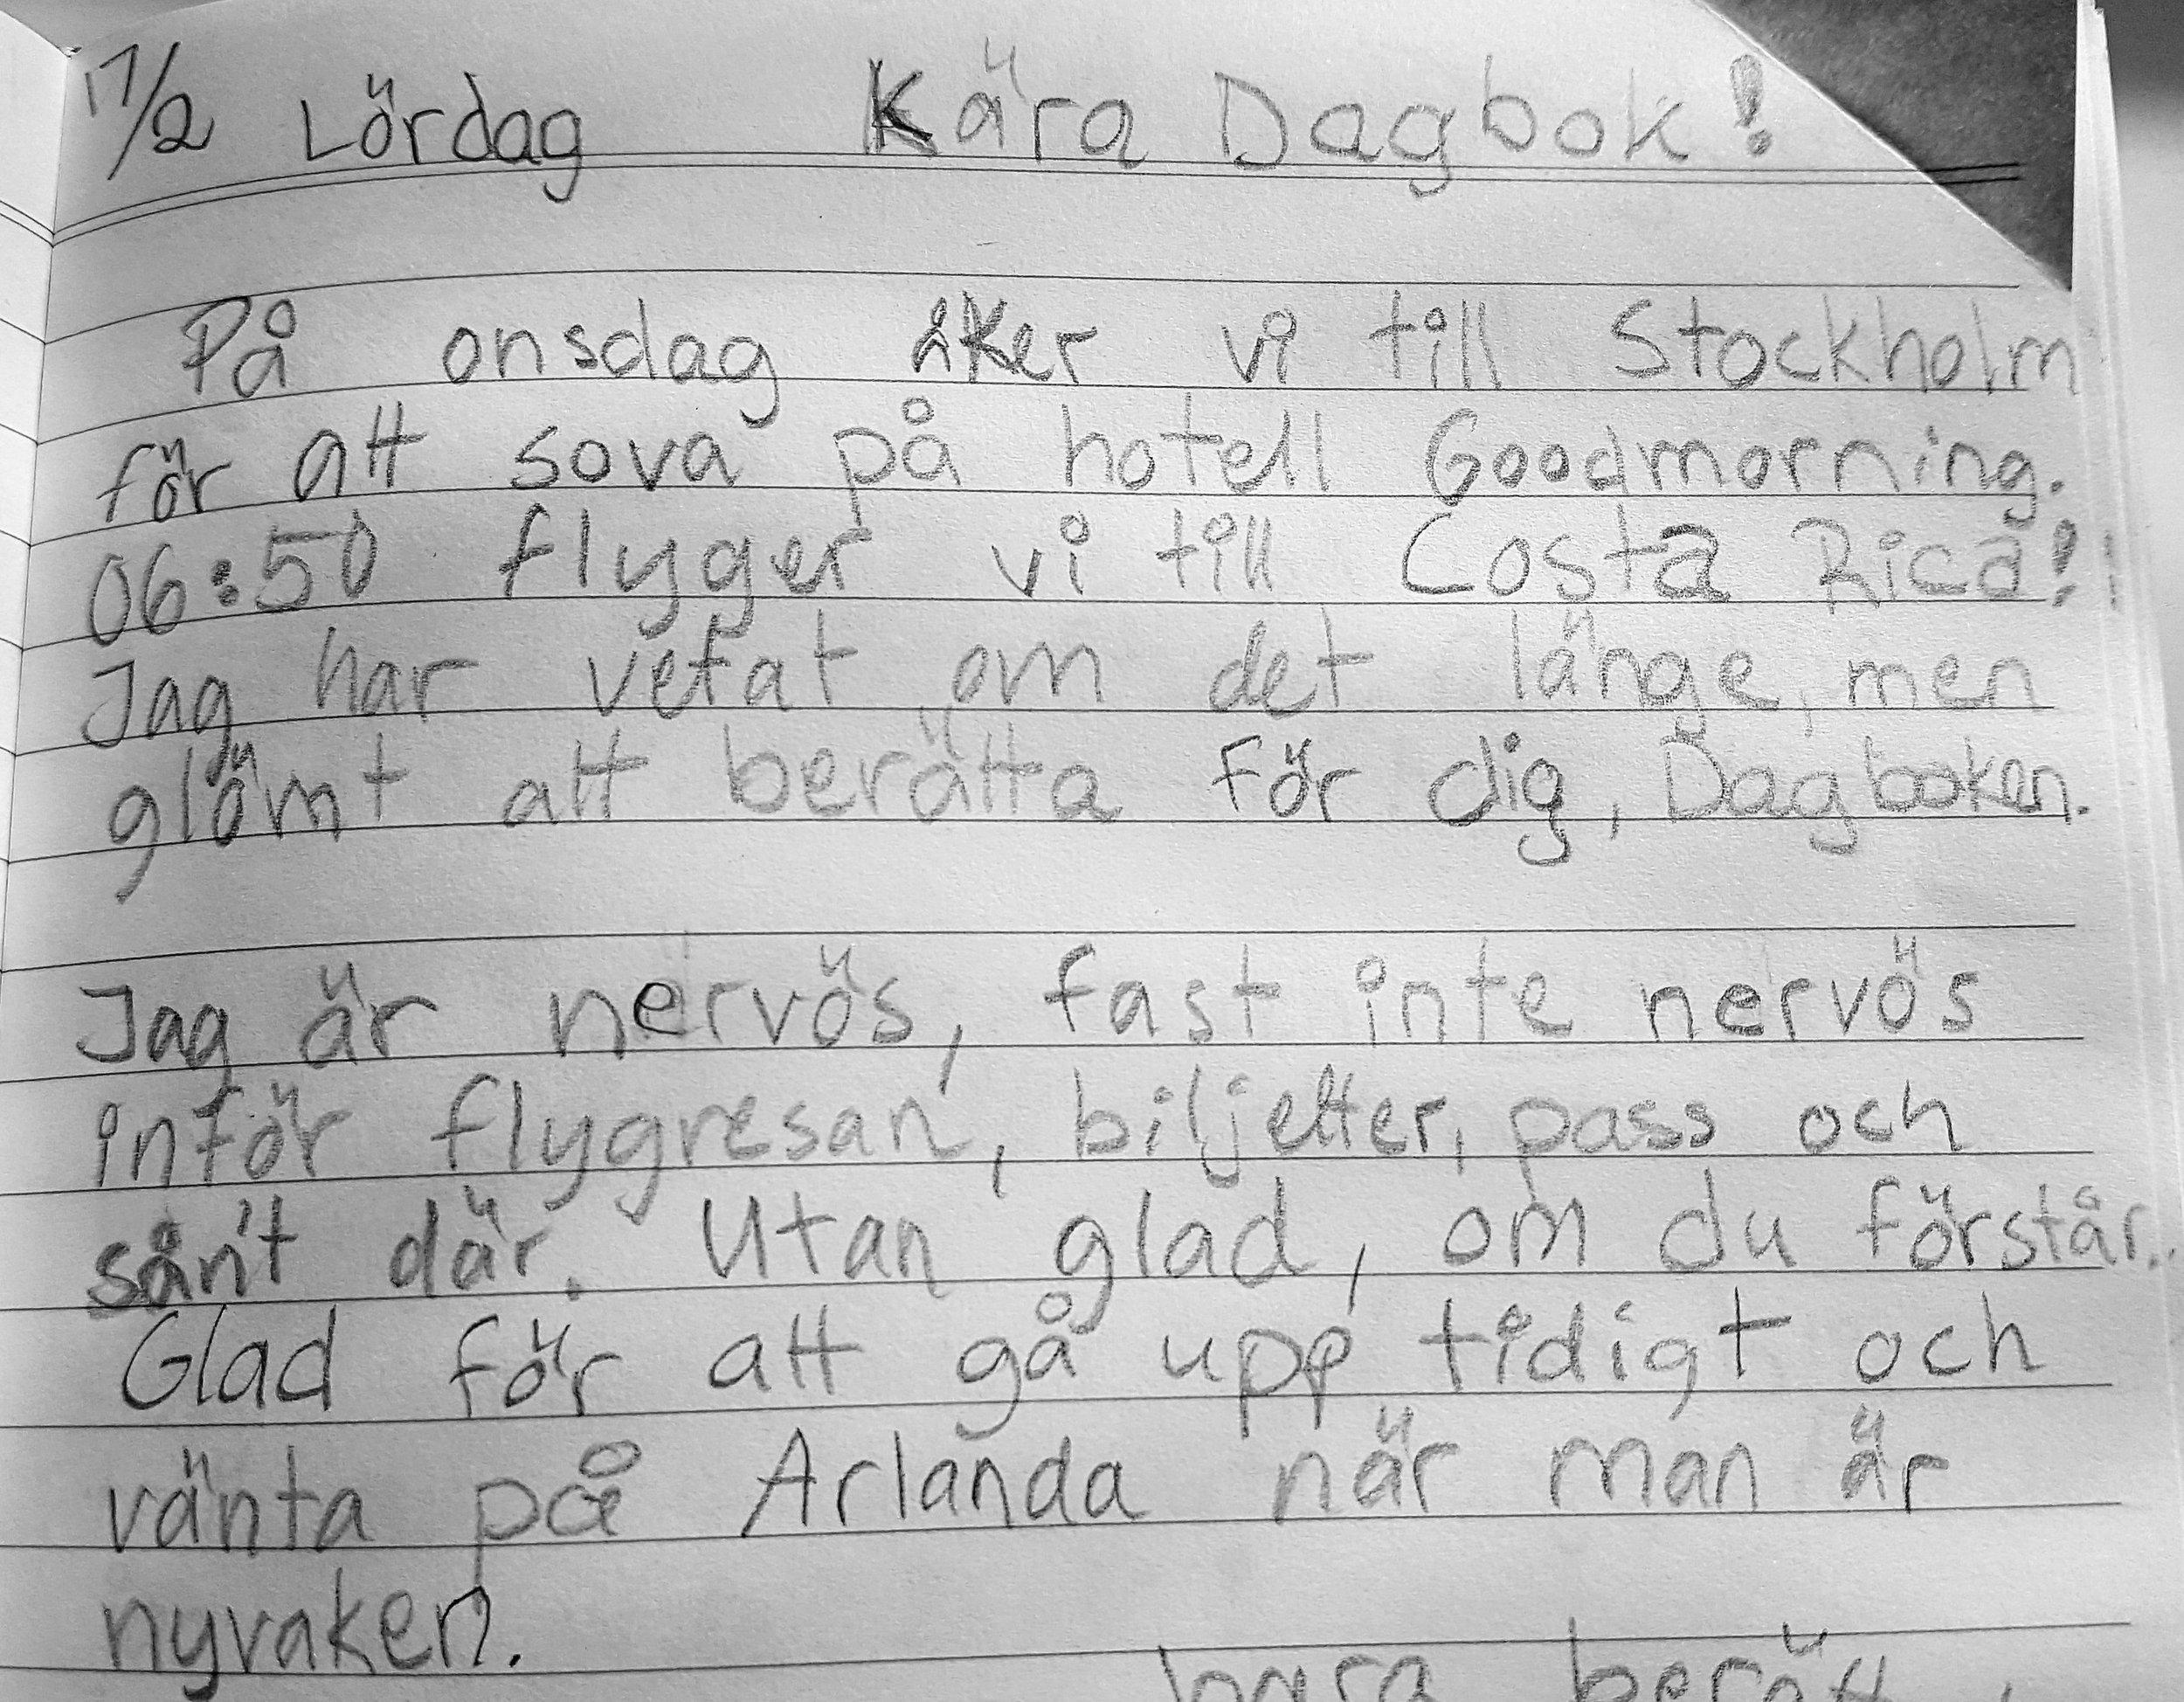 """Sanna, 10 år, försöker sätta ord på det härliga respirret inför Costa Rica: """"Jag är inte nervös... utan glad, om du förstår."""""""